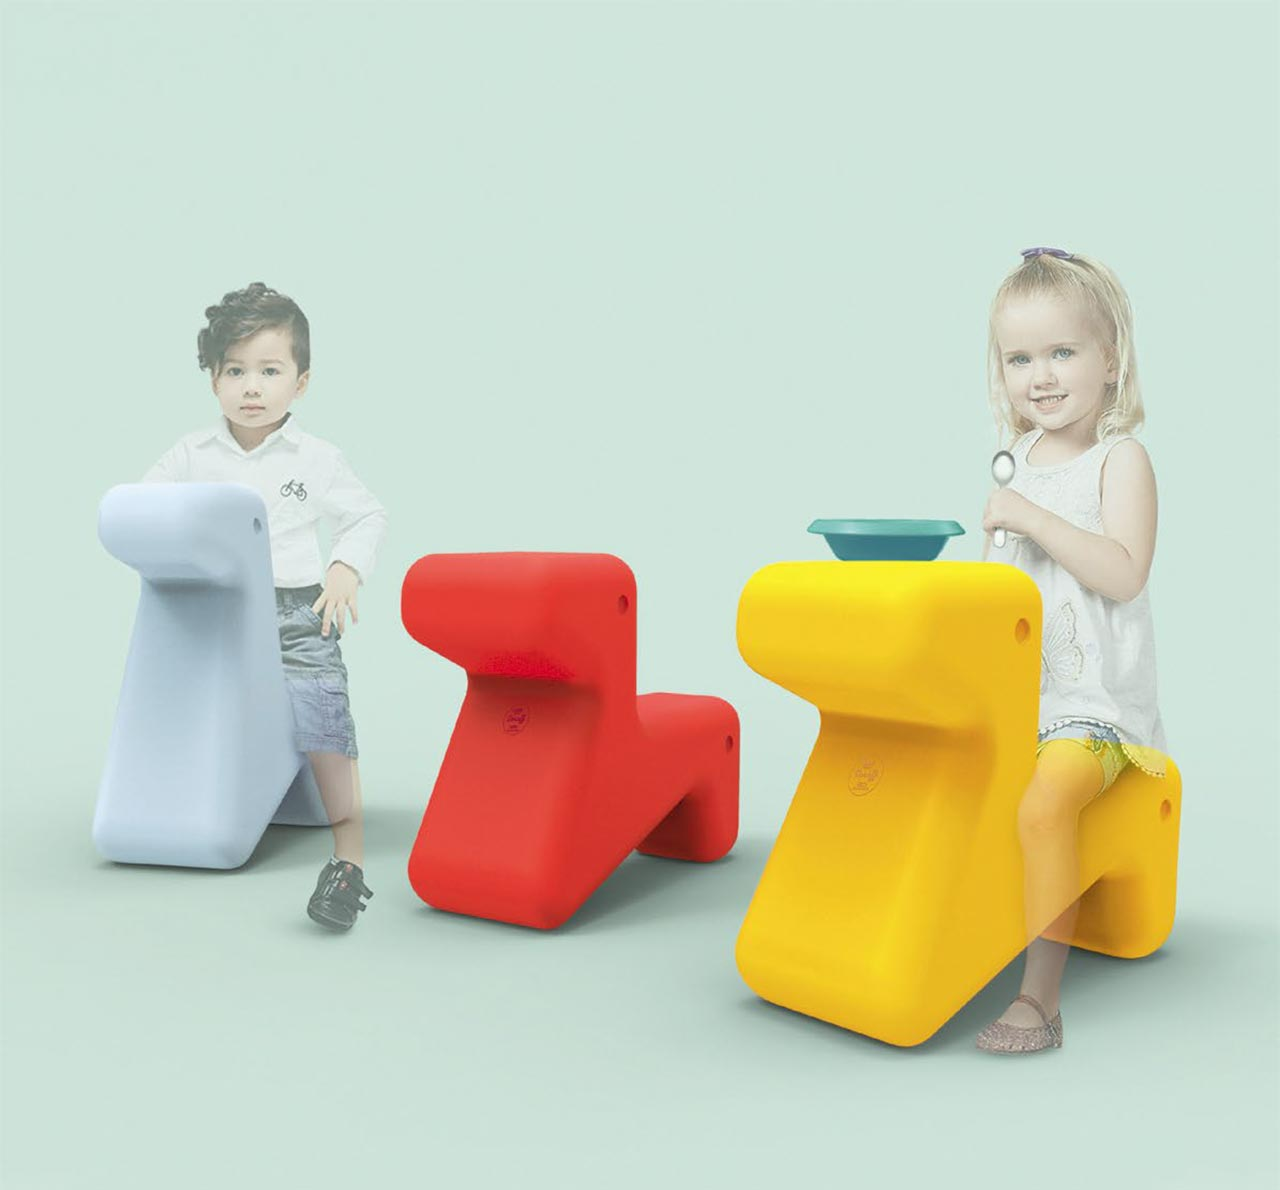 Architect Ben van Berkel ontwerpt kids collection voor Alessi